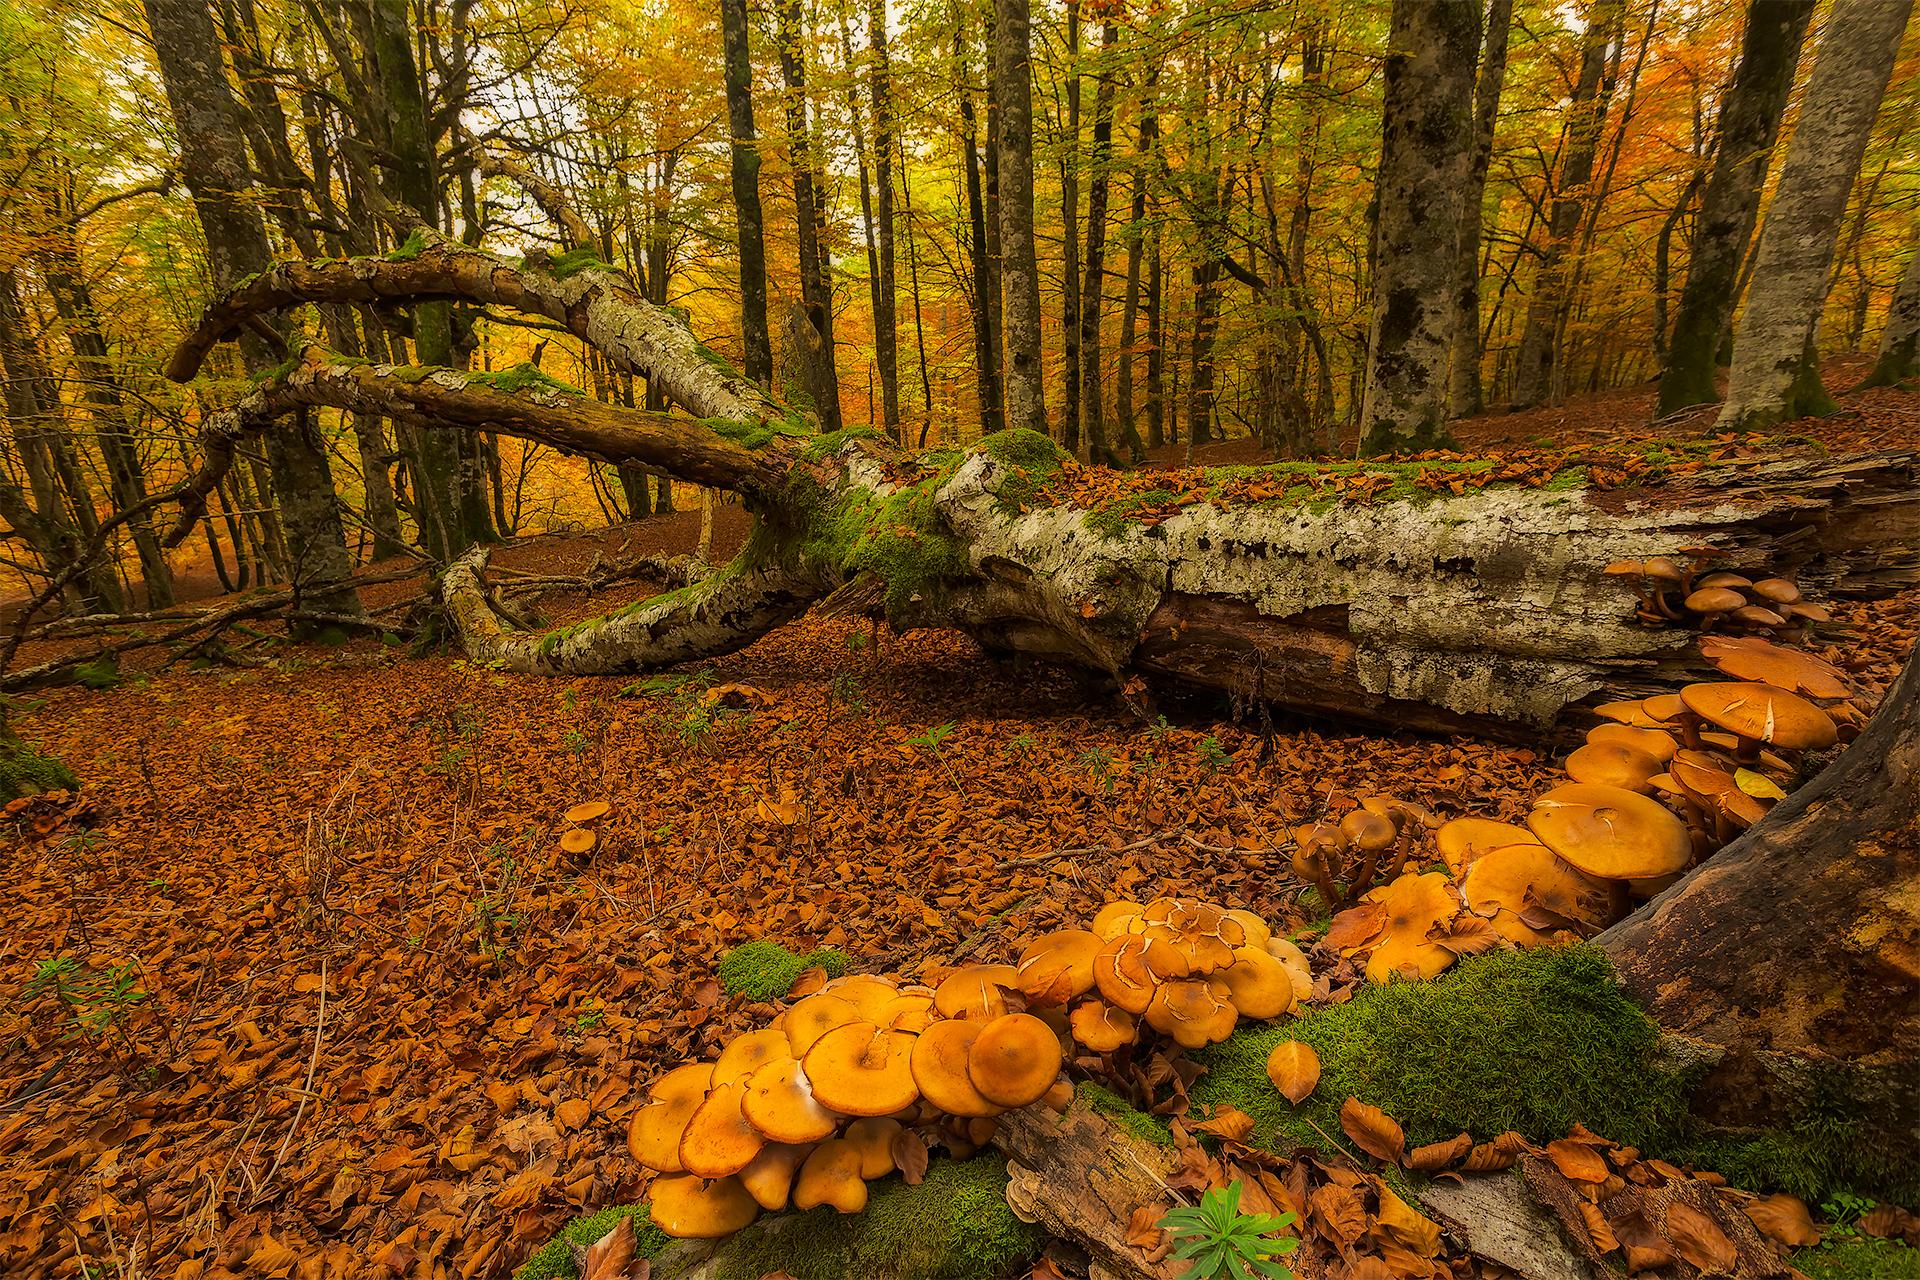 грибы и грибные места 2021 Саратовской области фото